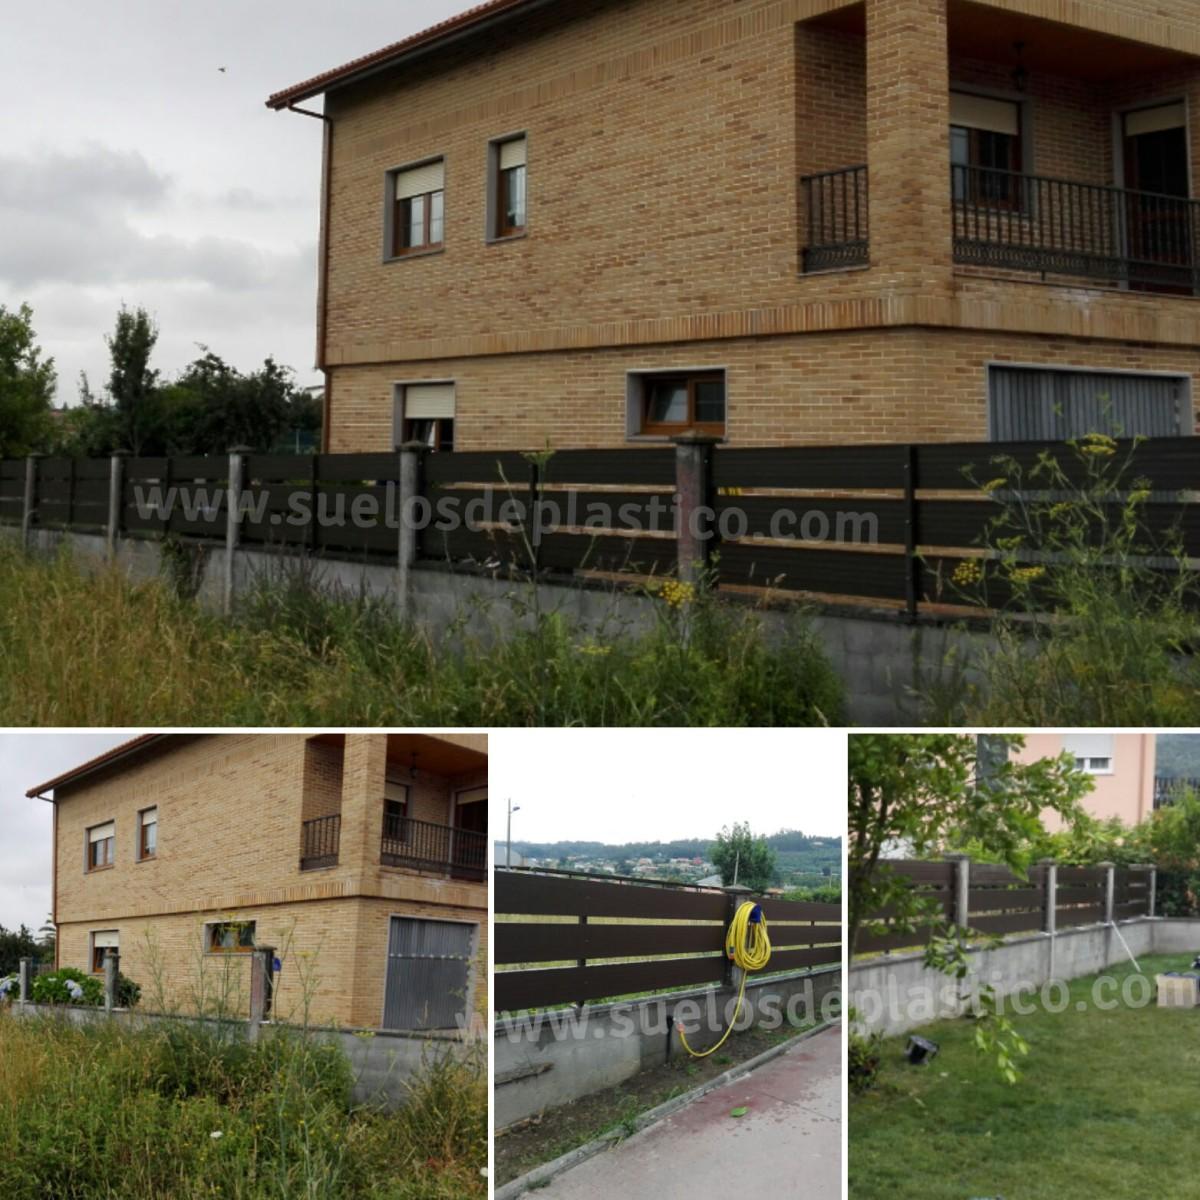 Vallas de madera simulada para cerramientos suelos de pl stico para uso interior y exterior Cerramientos de madera para jardin